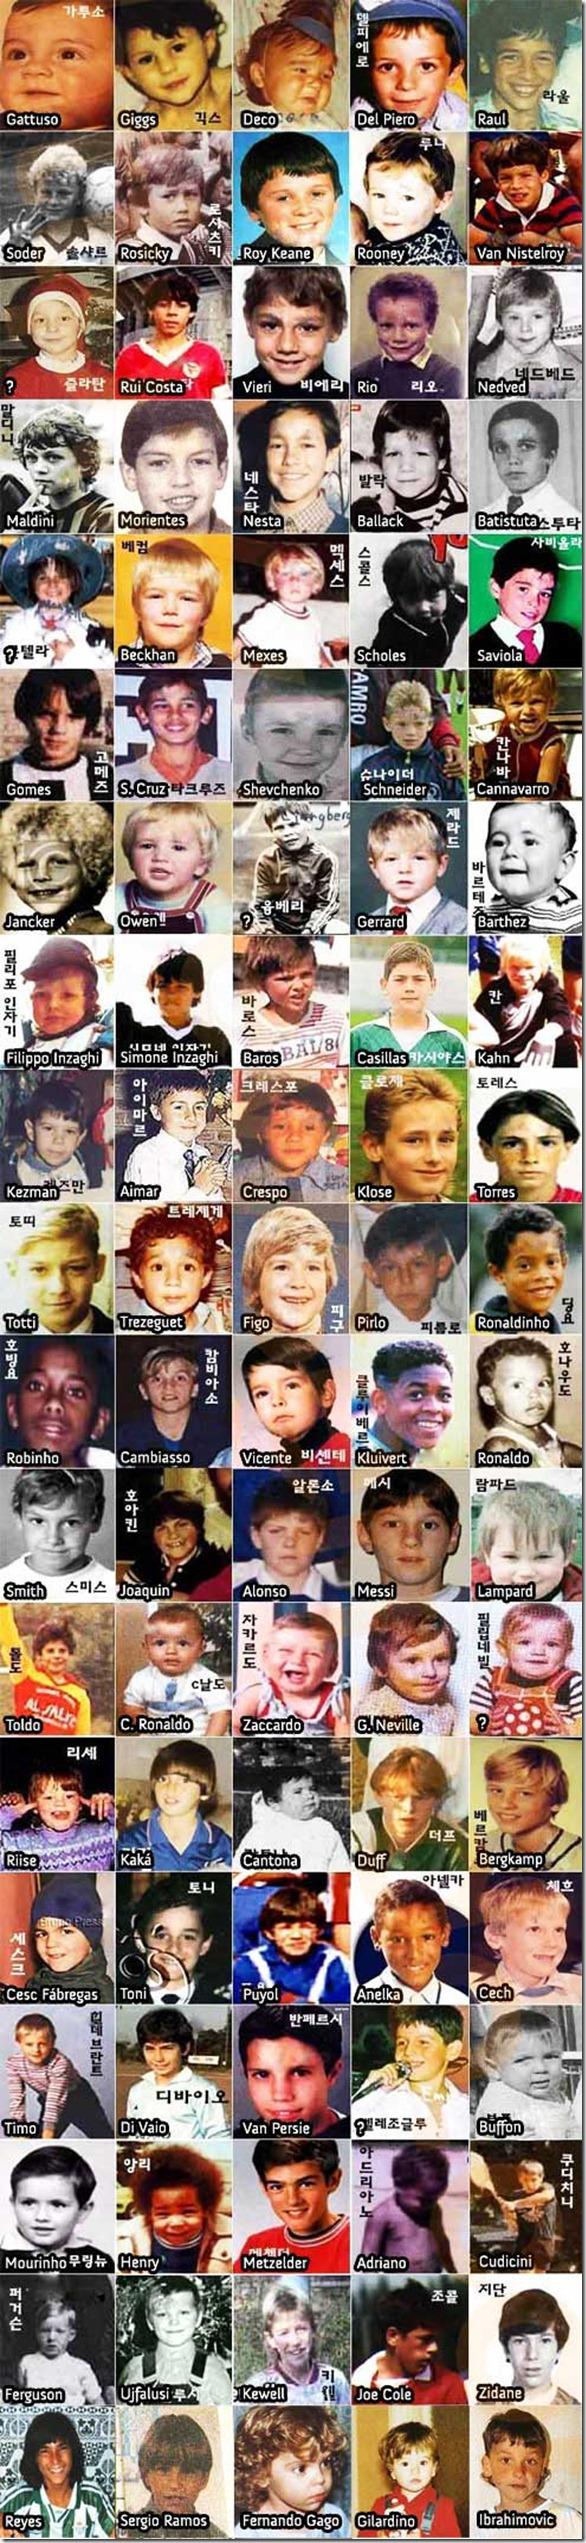 jogadores-de-futebol-quando-crianca